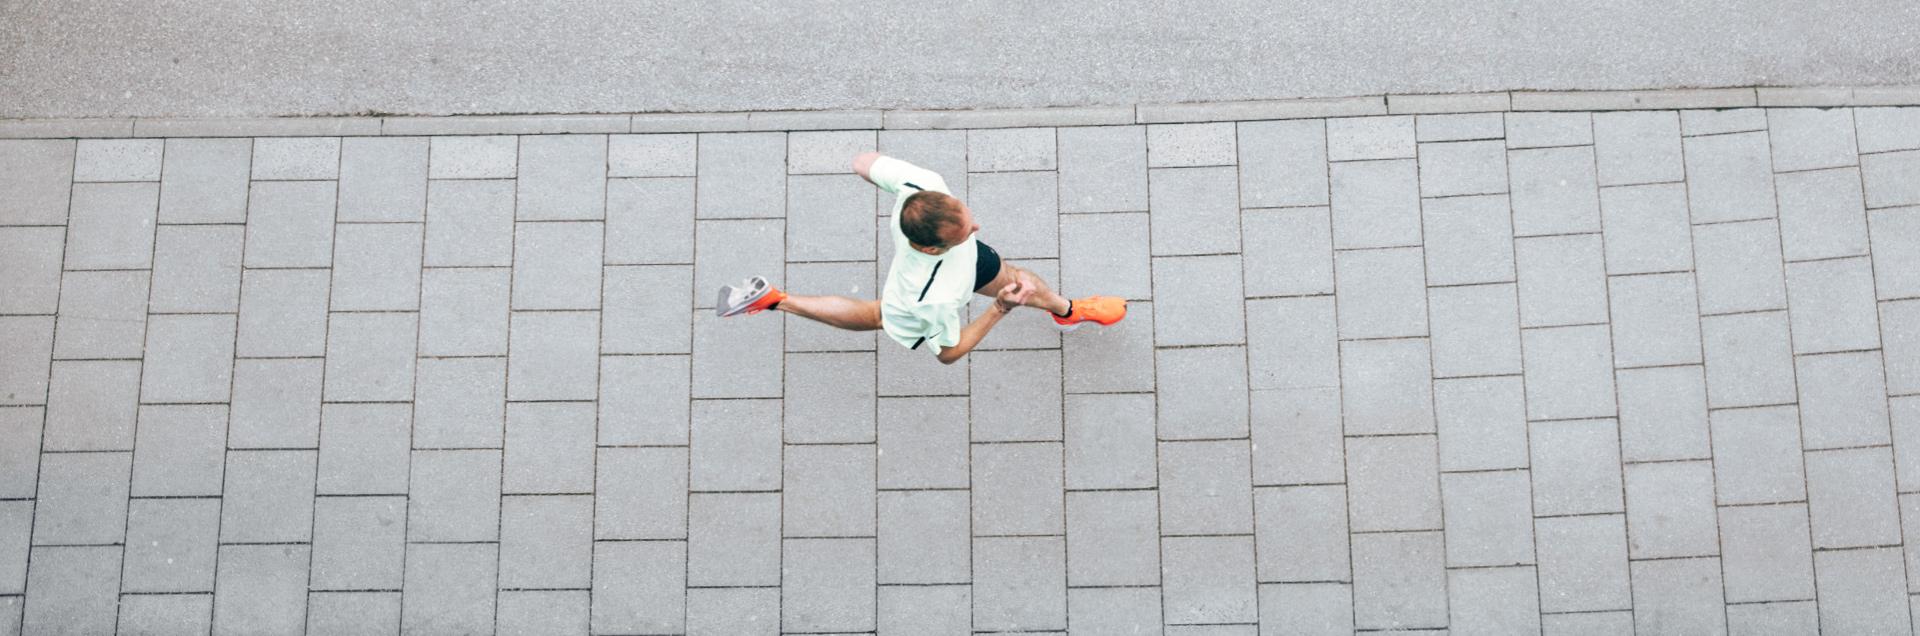 Laufen ist einfach Trainingsplan